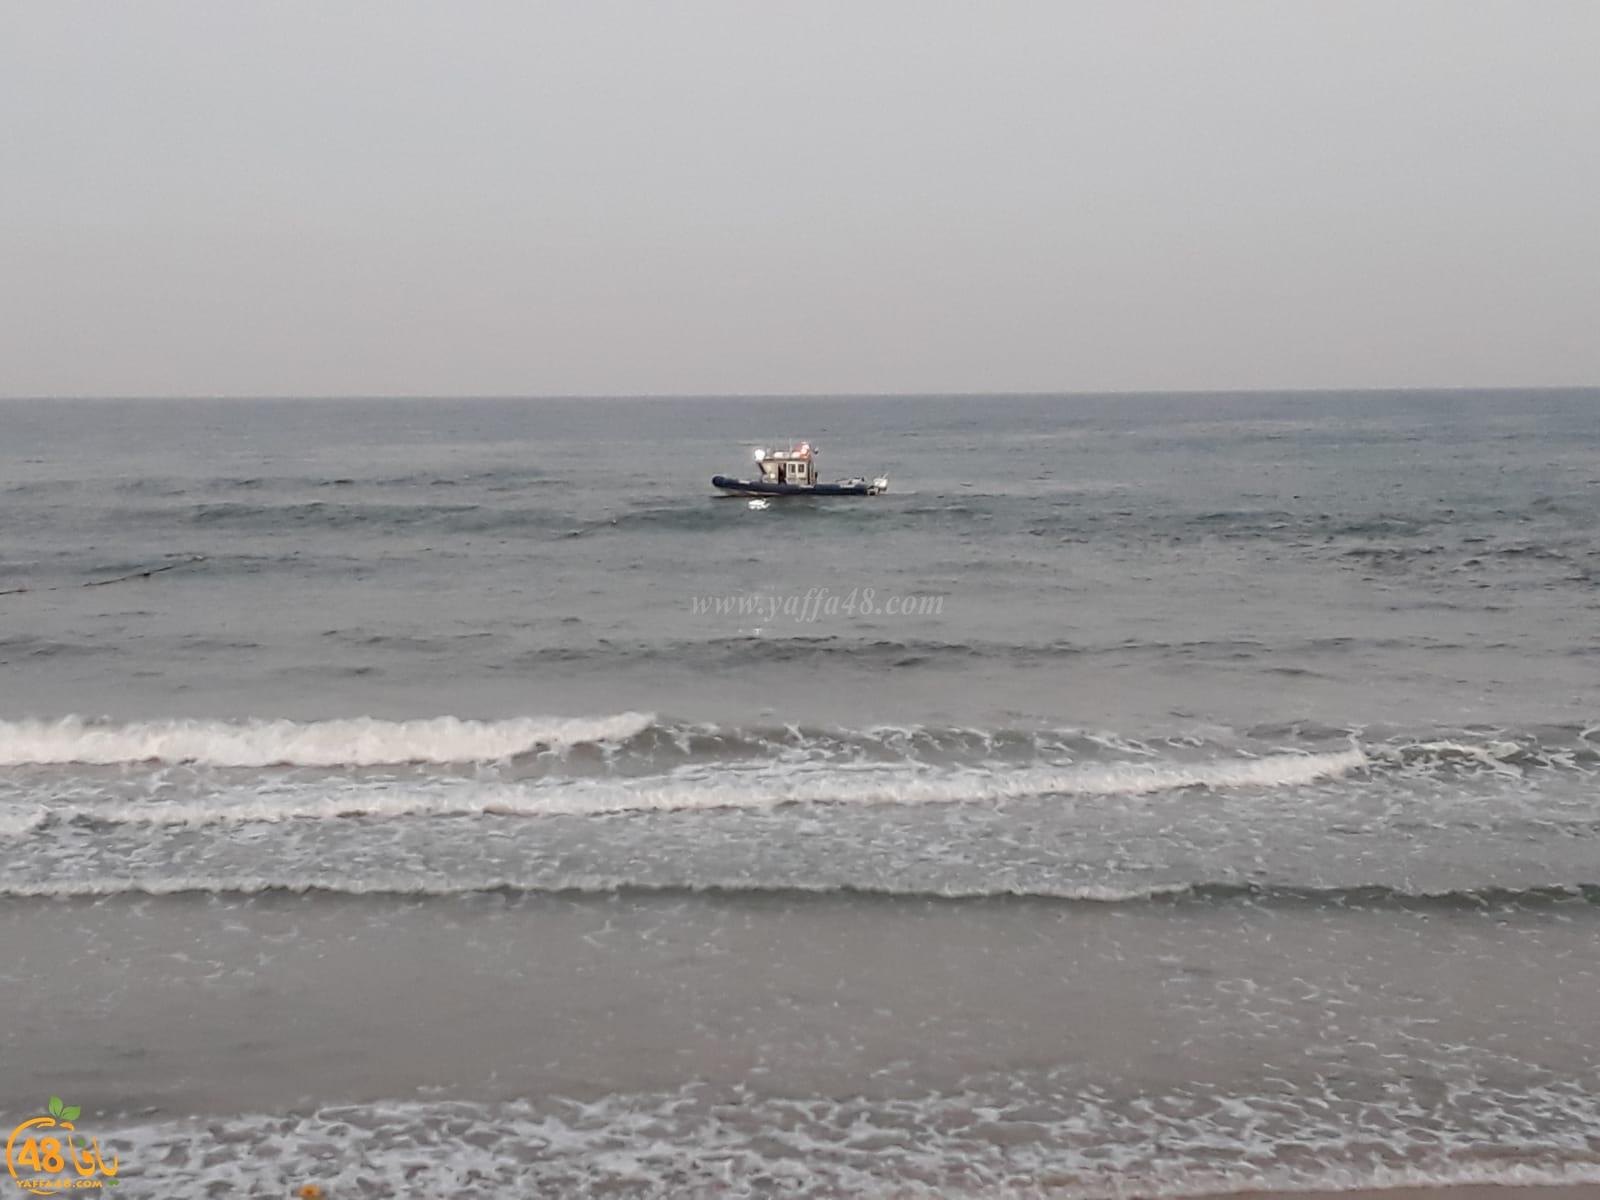 بالفيديو: أعمال بحث عن مفقود على شواطئ مدينة يافا